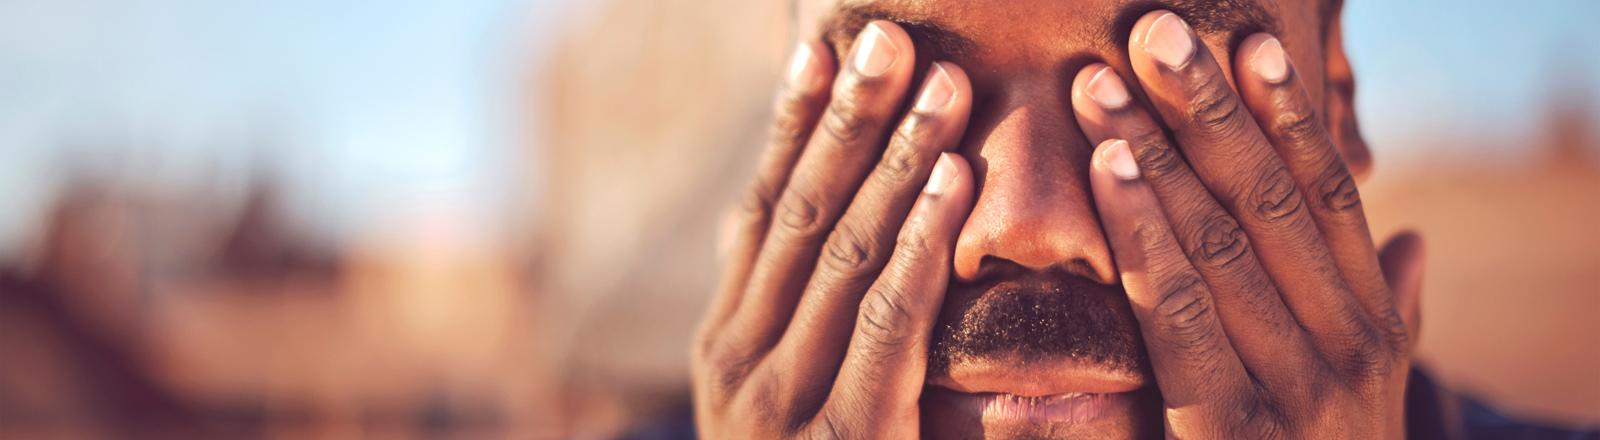 Ein Mann mit dunkler Hautfarbe hält sich die Augen mit den Händen zu.